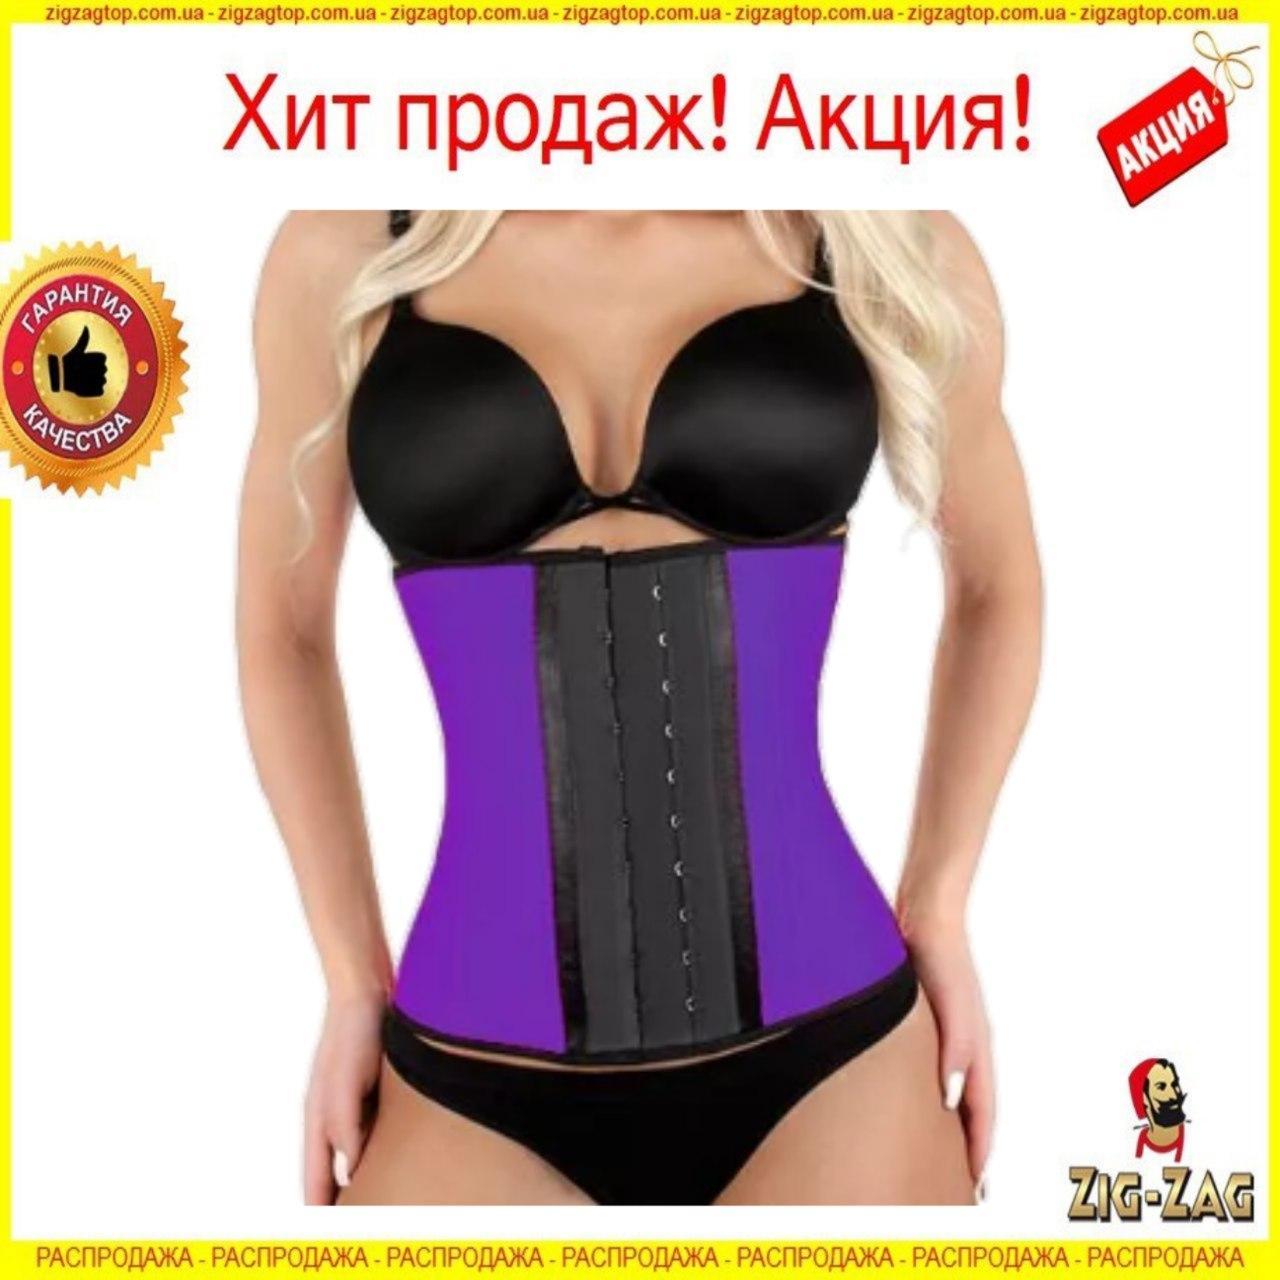 Утягивающий Корсет SCULPTING Clothes (корректирующий) без бретелек для похудения, пояс для похудения NEW!